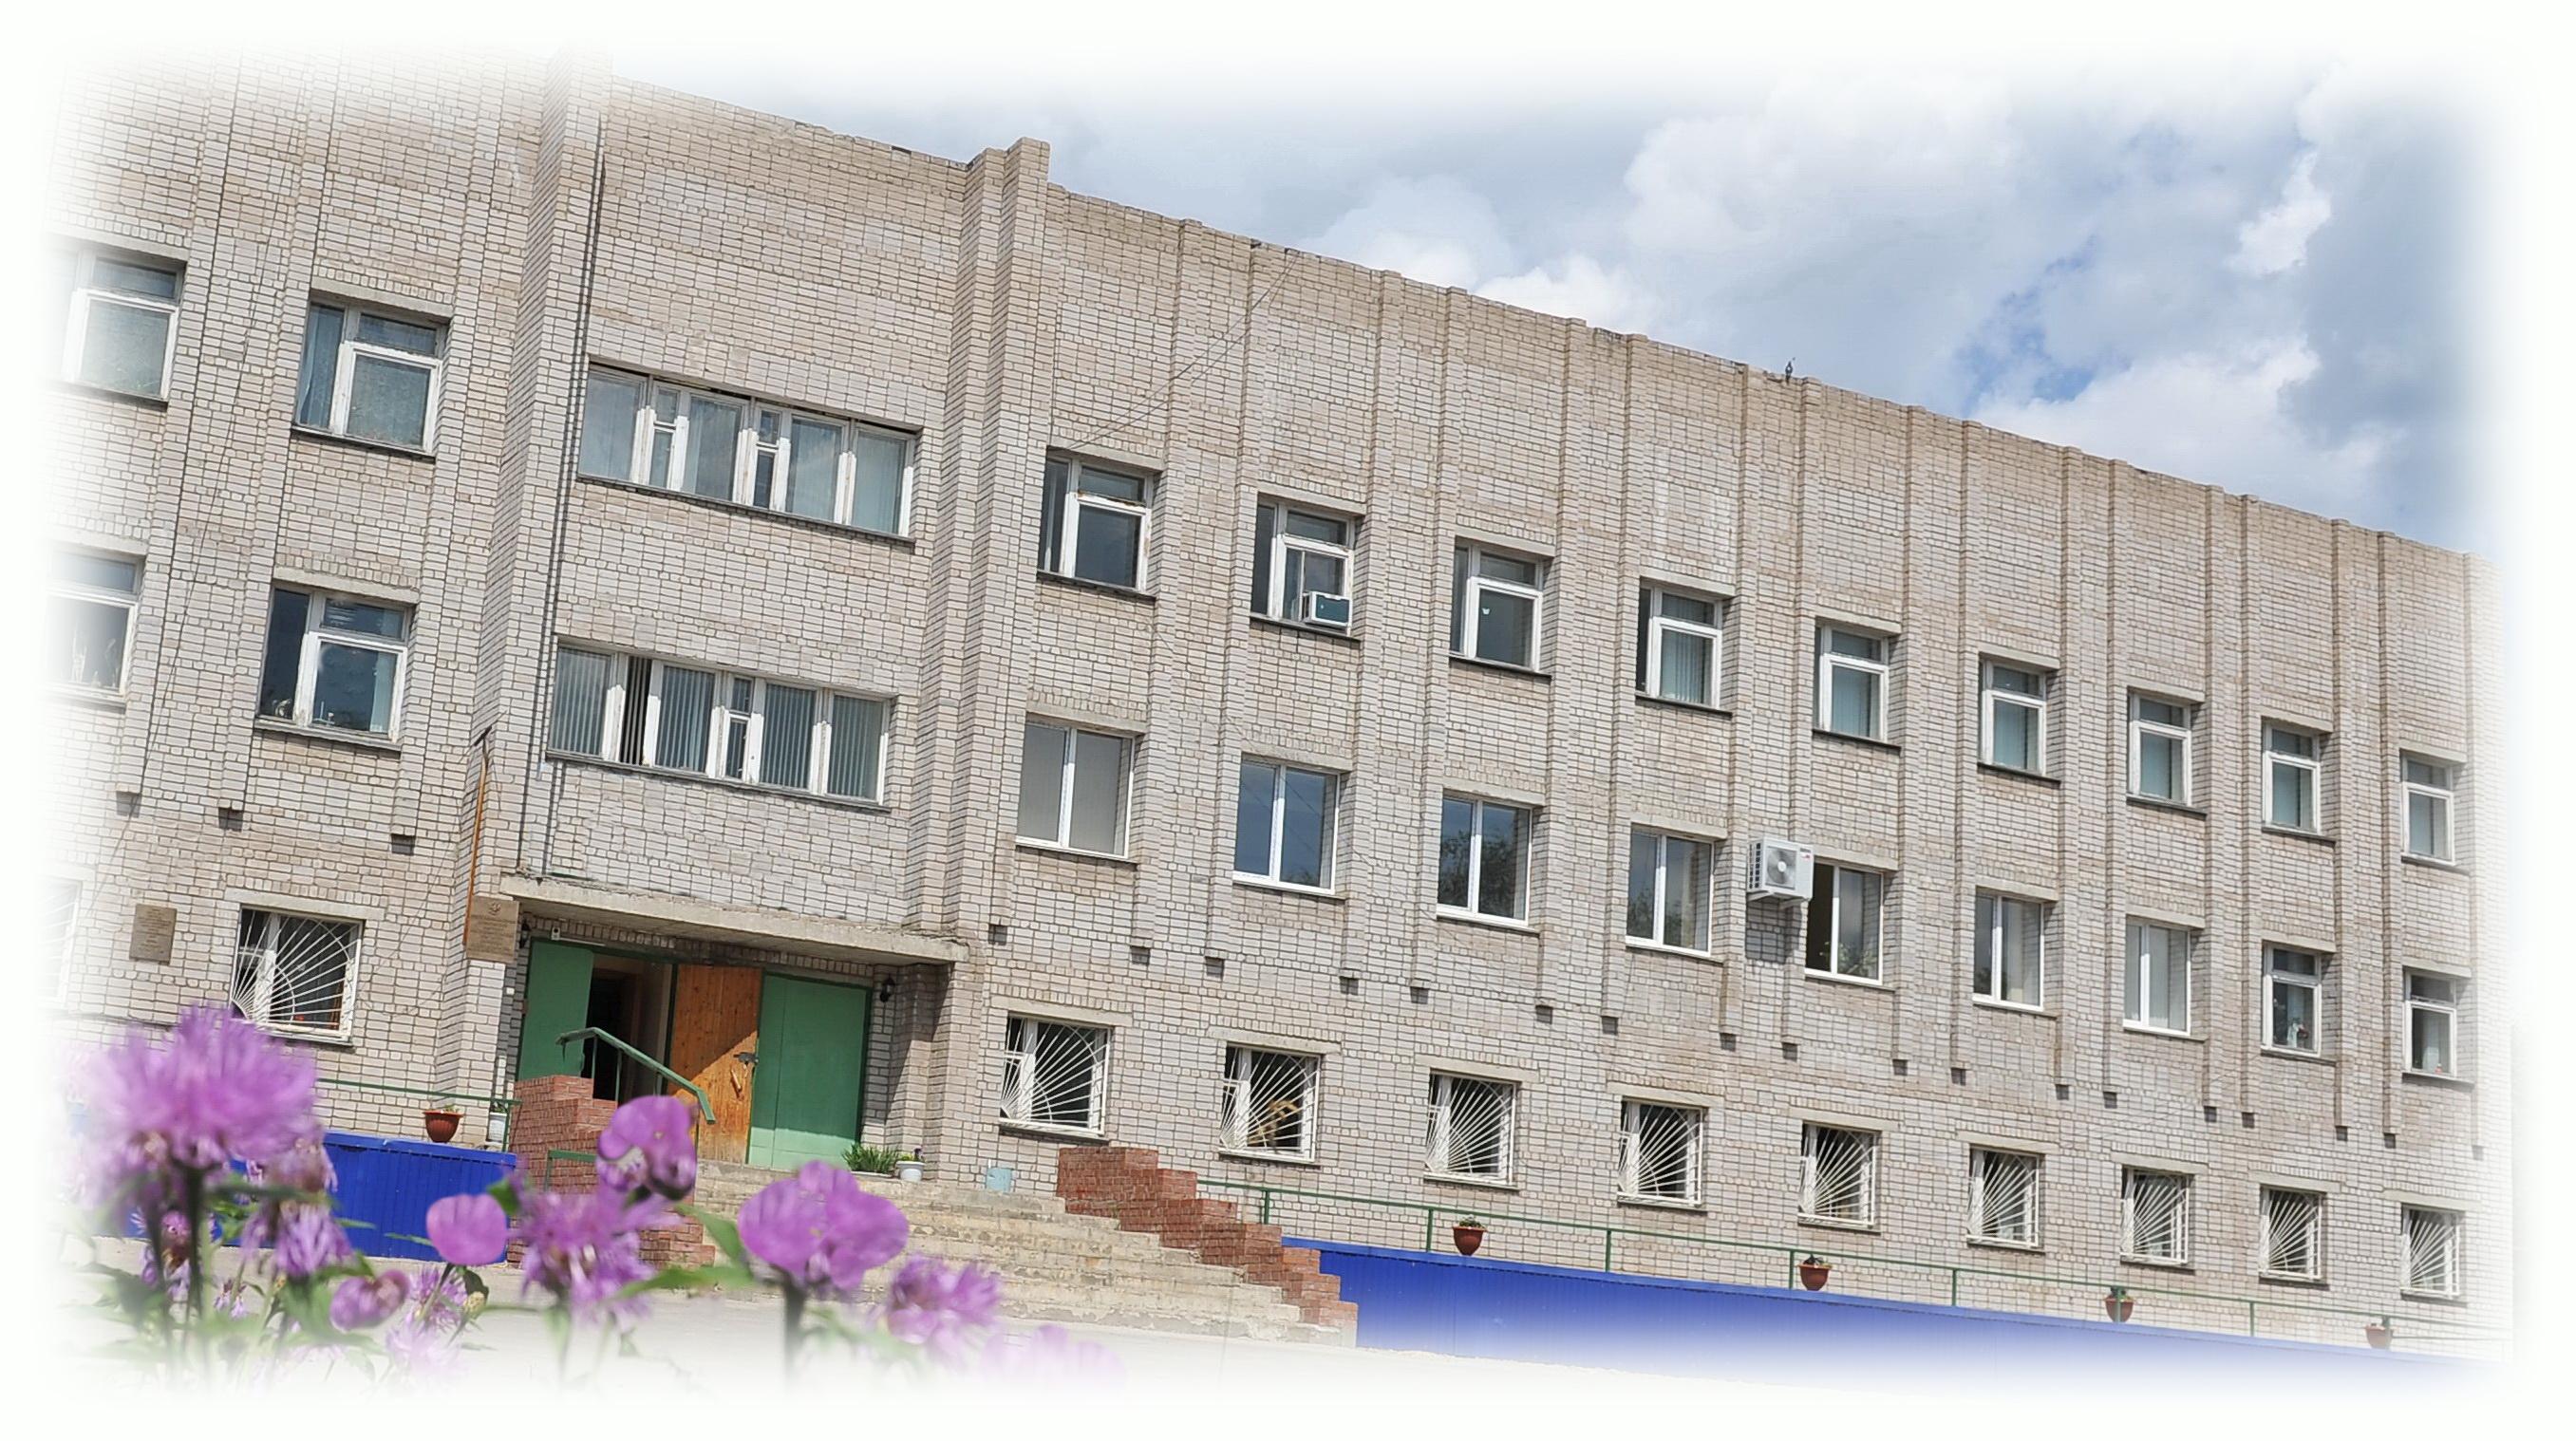 Воронежский сельскохозяйственный институт - Воронеж